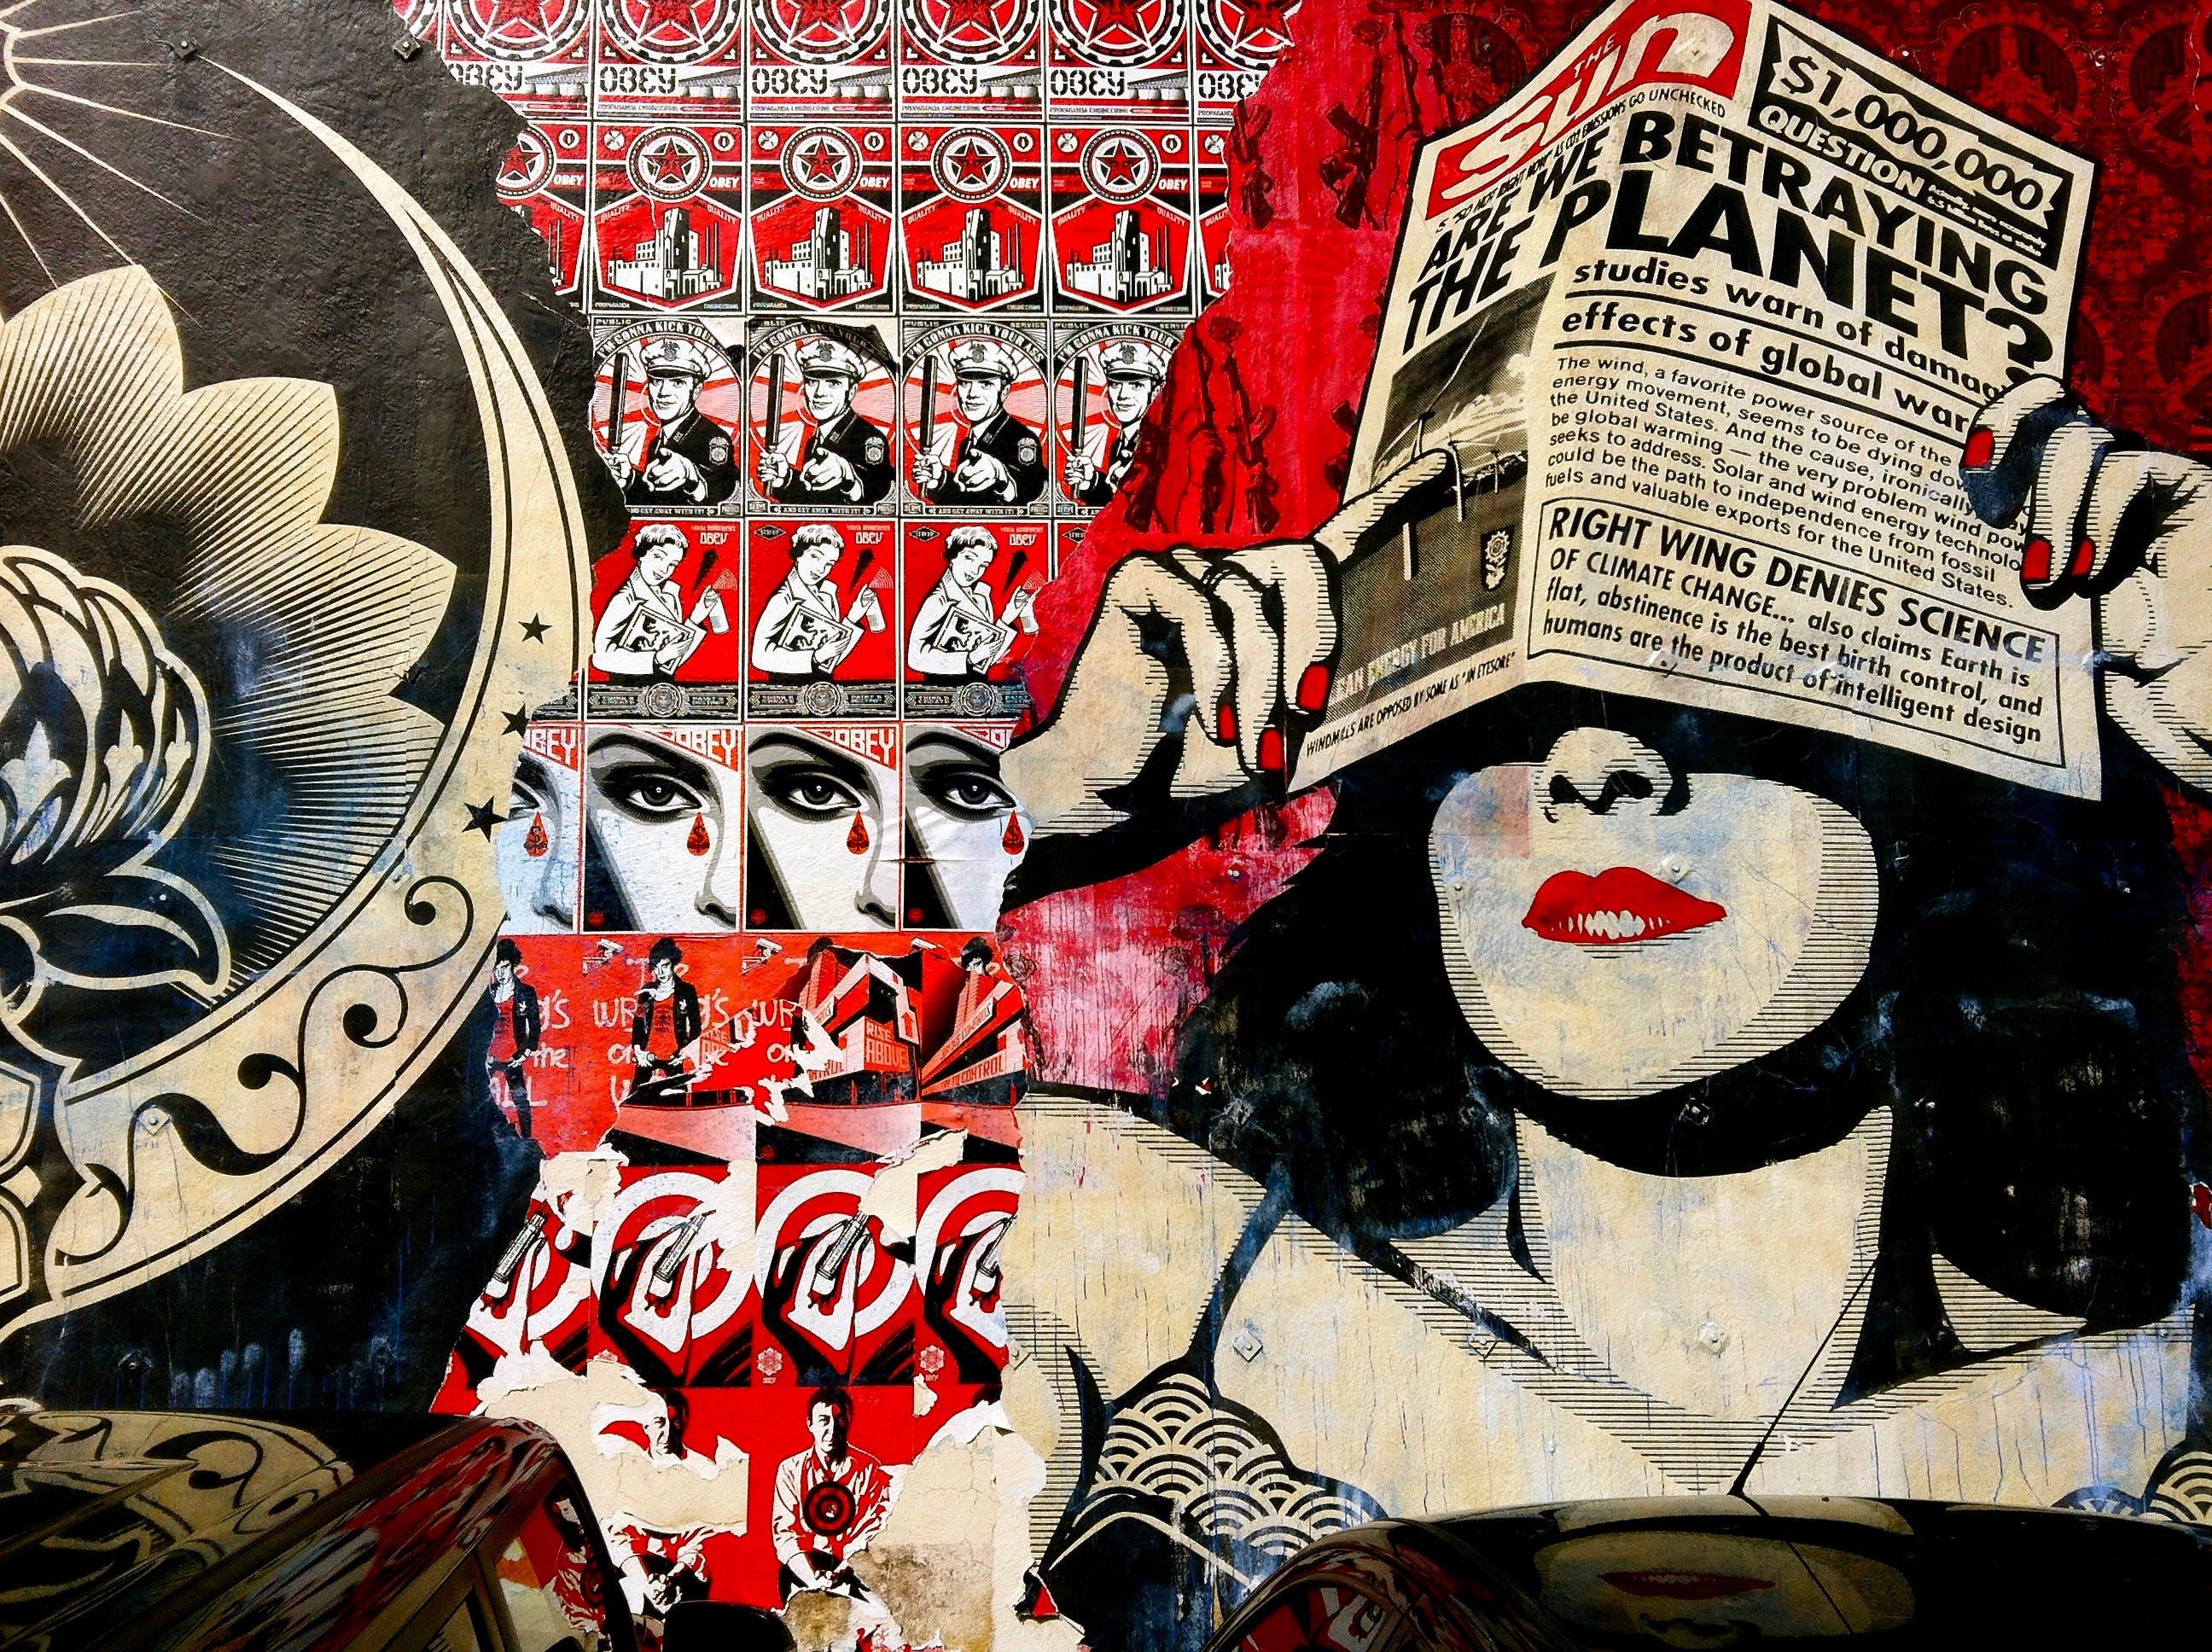 graffiti, obey propaganda, pattern